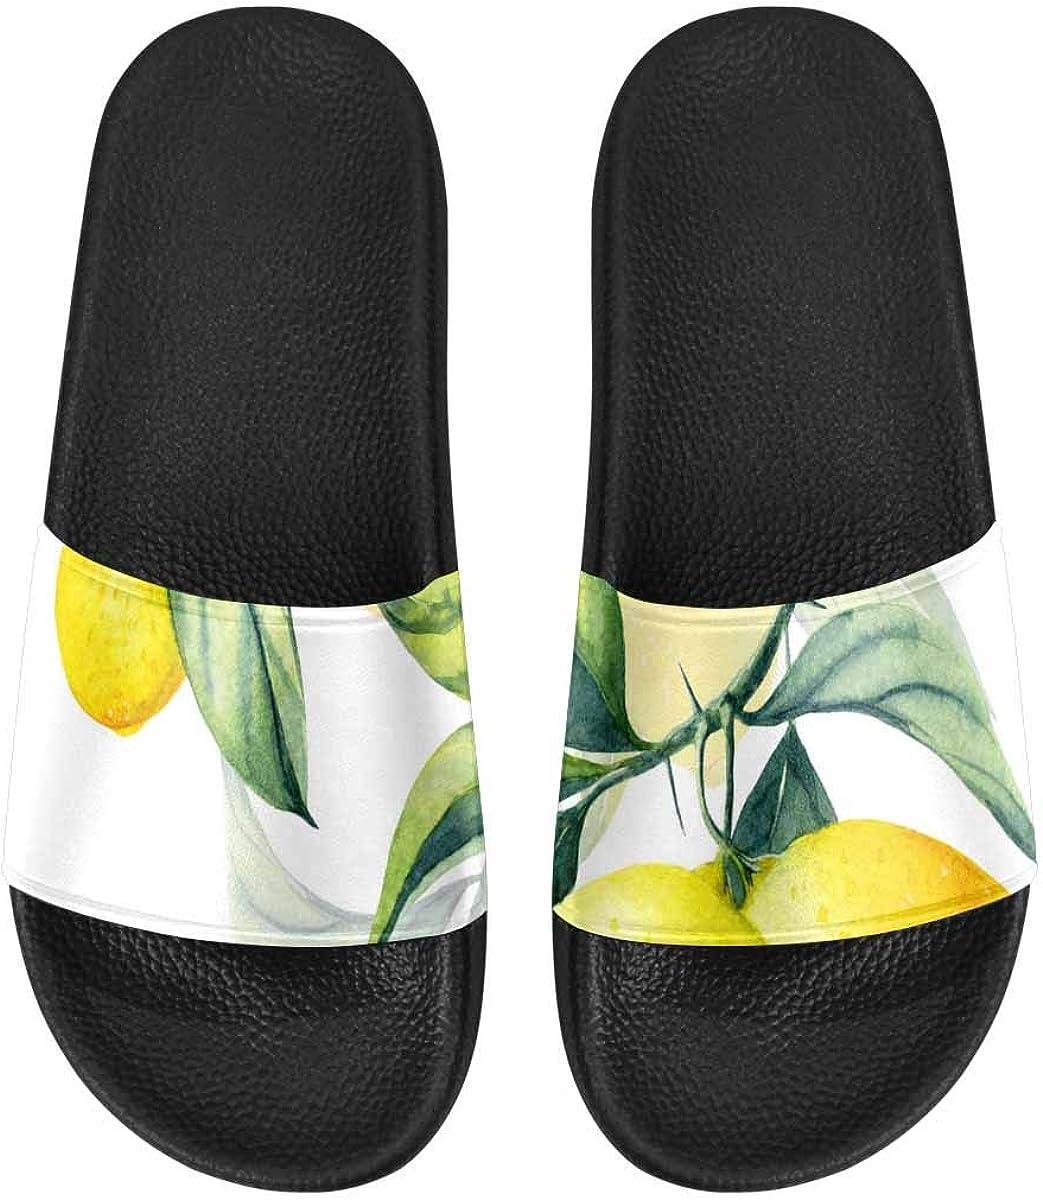 InterestPrint Women's Casual and Lightweight Slipper Sandals for Home Lemon and Sliced Lemon